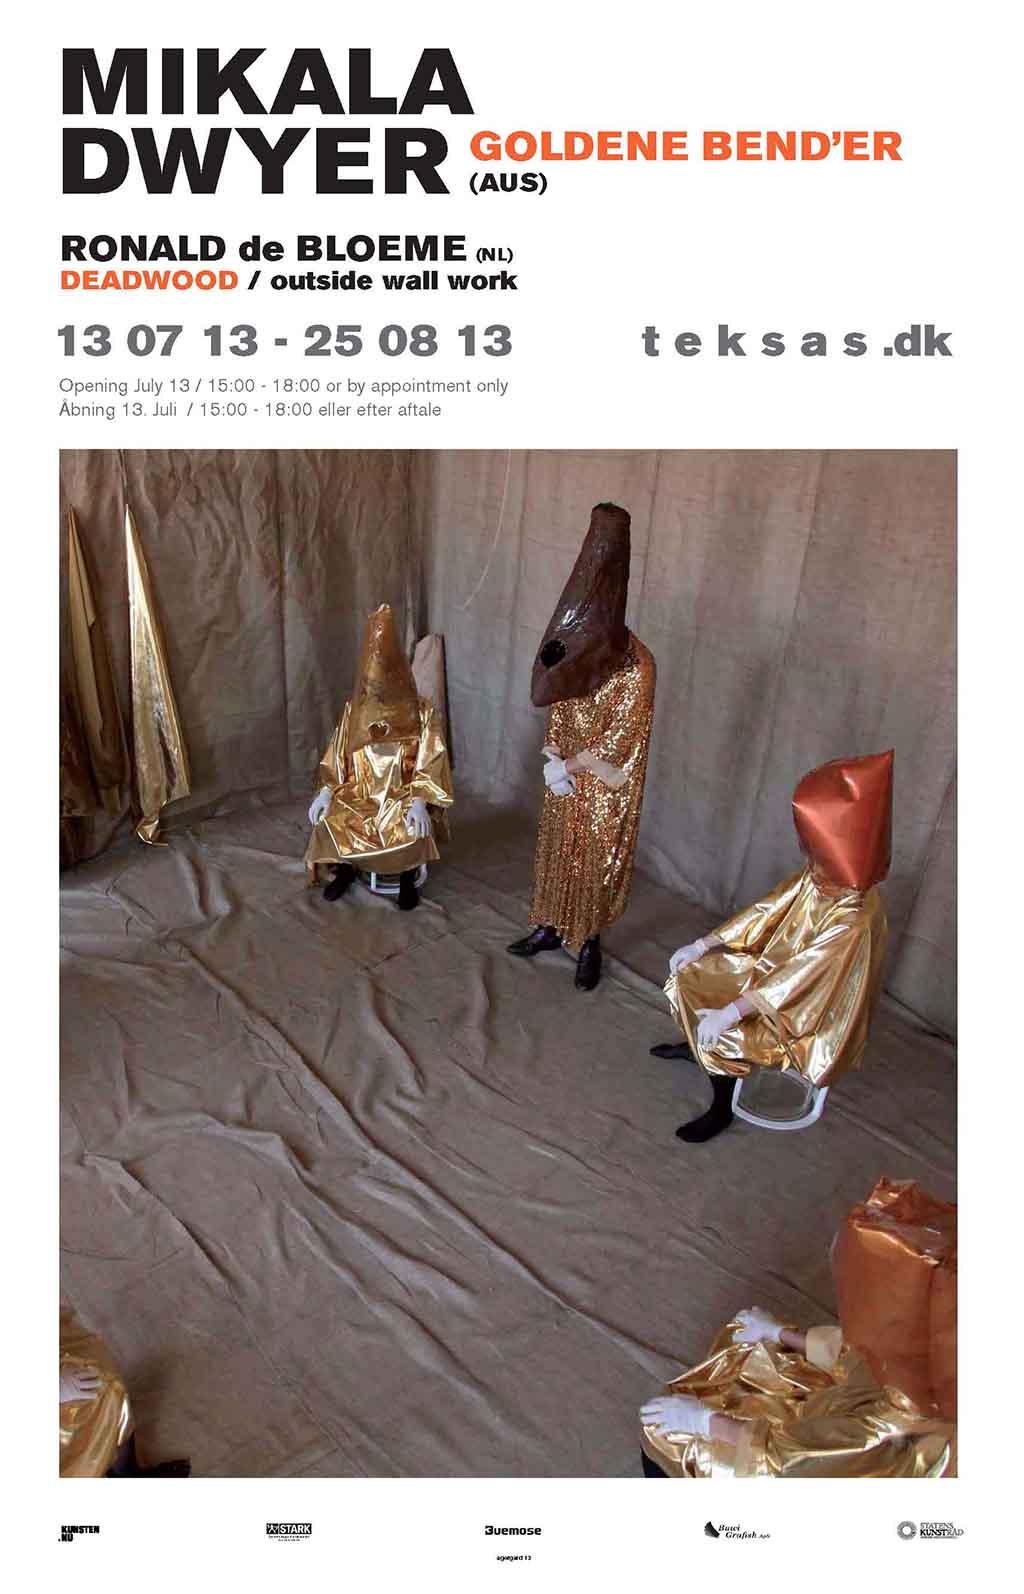 Mikala Dwyer (AUS), Goldene Bender, T E K S A S